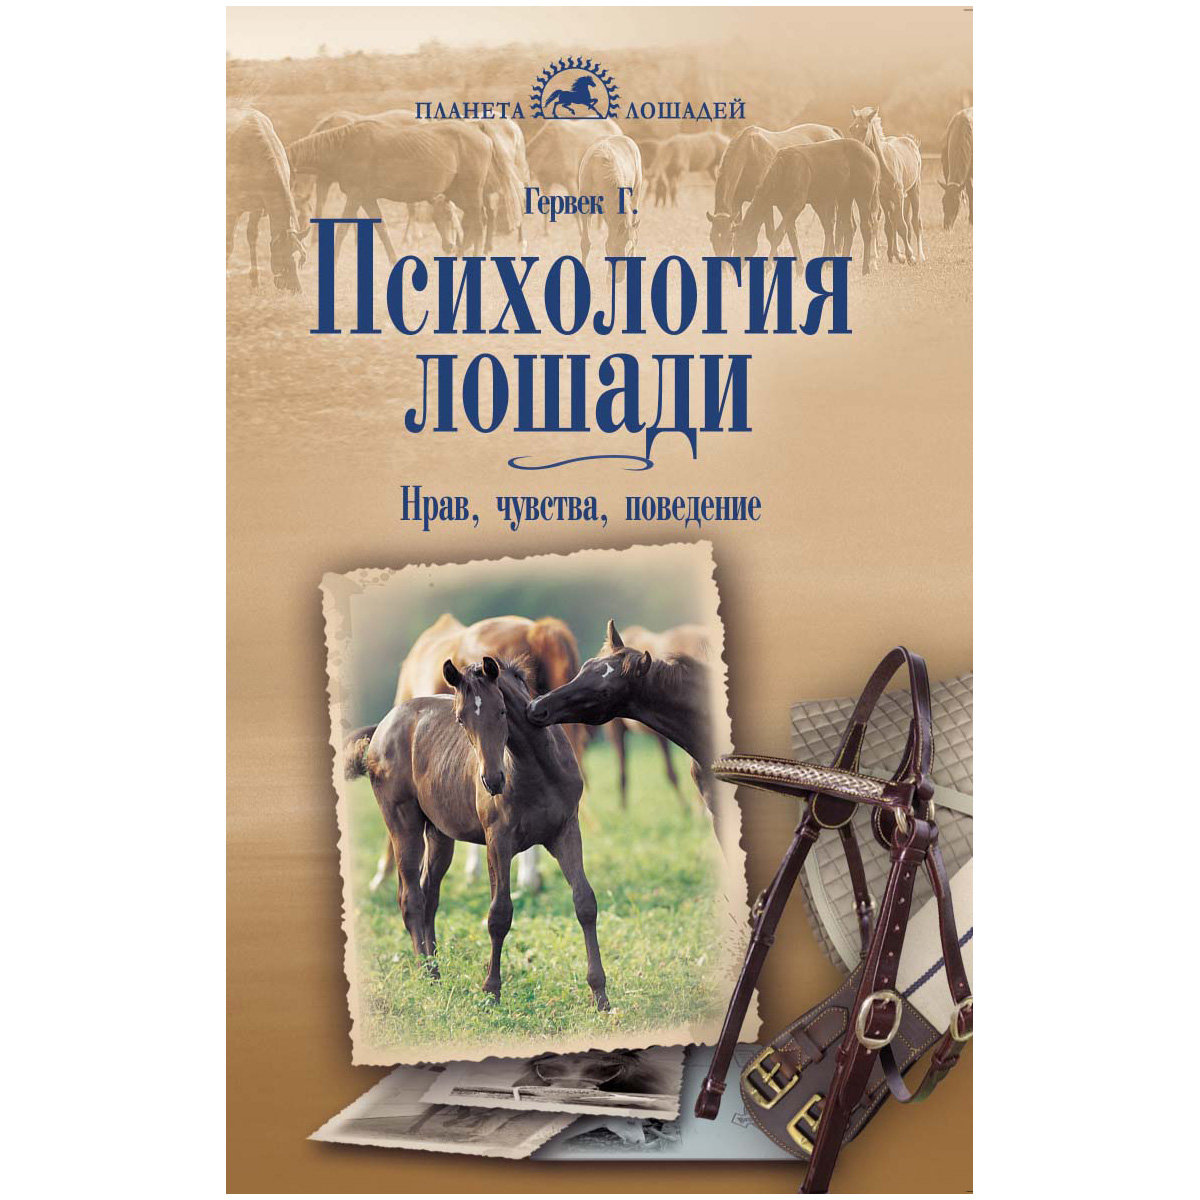 Как приучить лошадь к седлу: 15 шагов